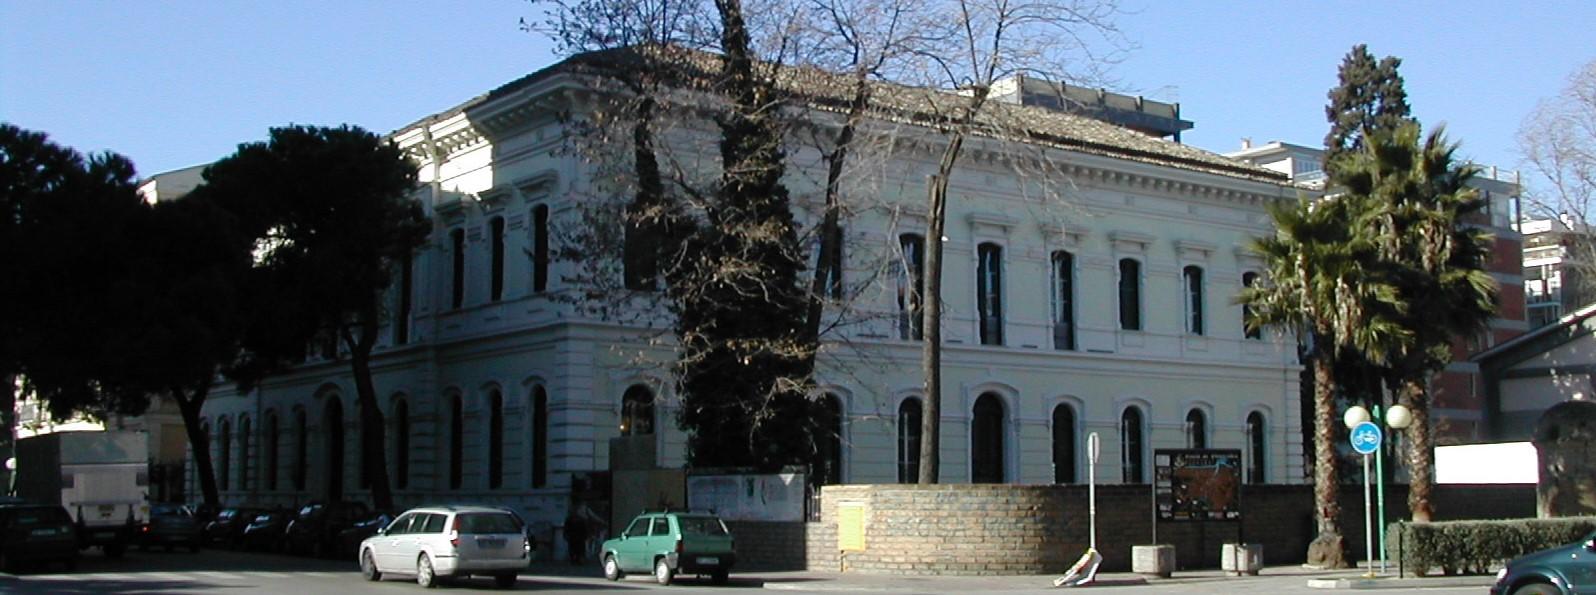 Biblioteca del Conservatorio 'Luisa d'Annunzio' di Pescara